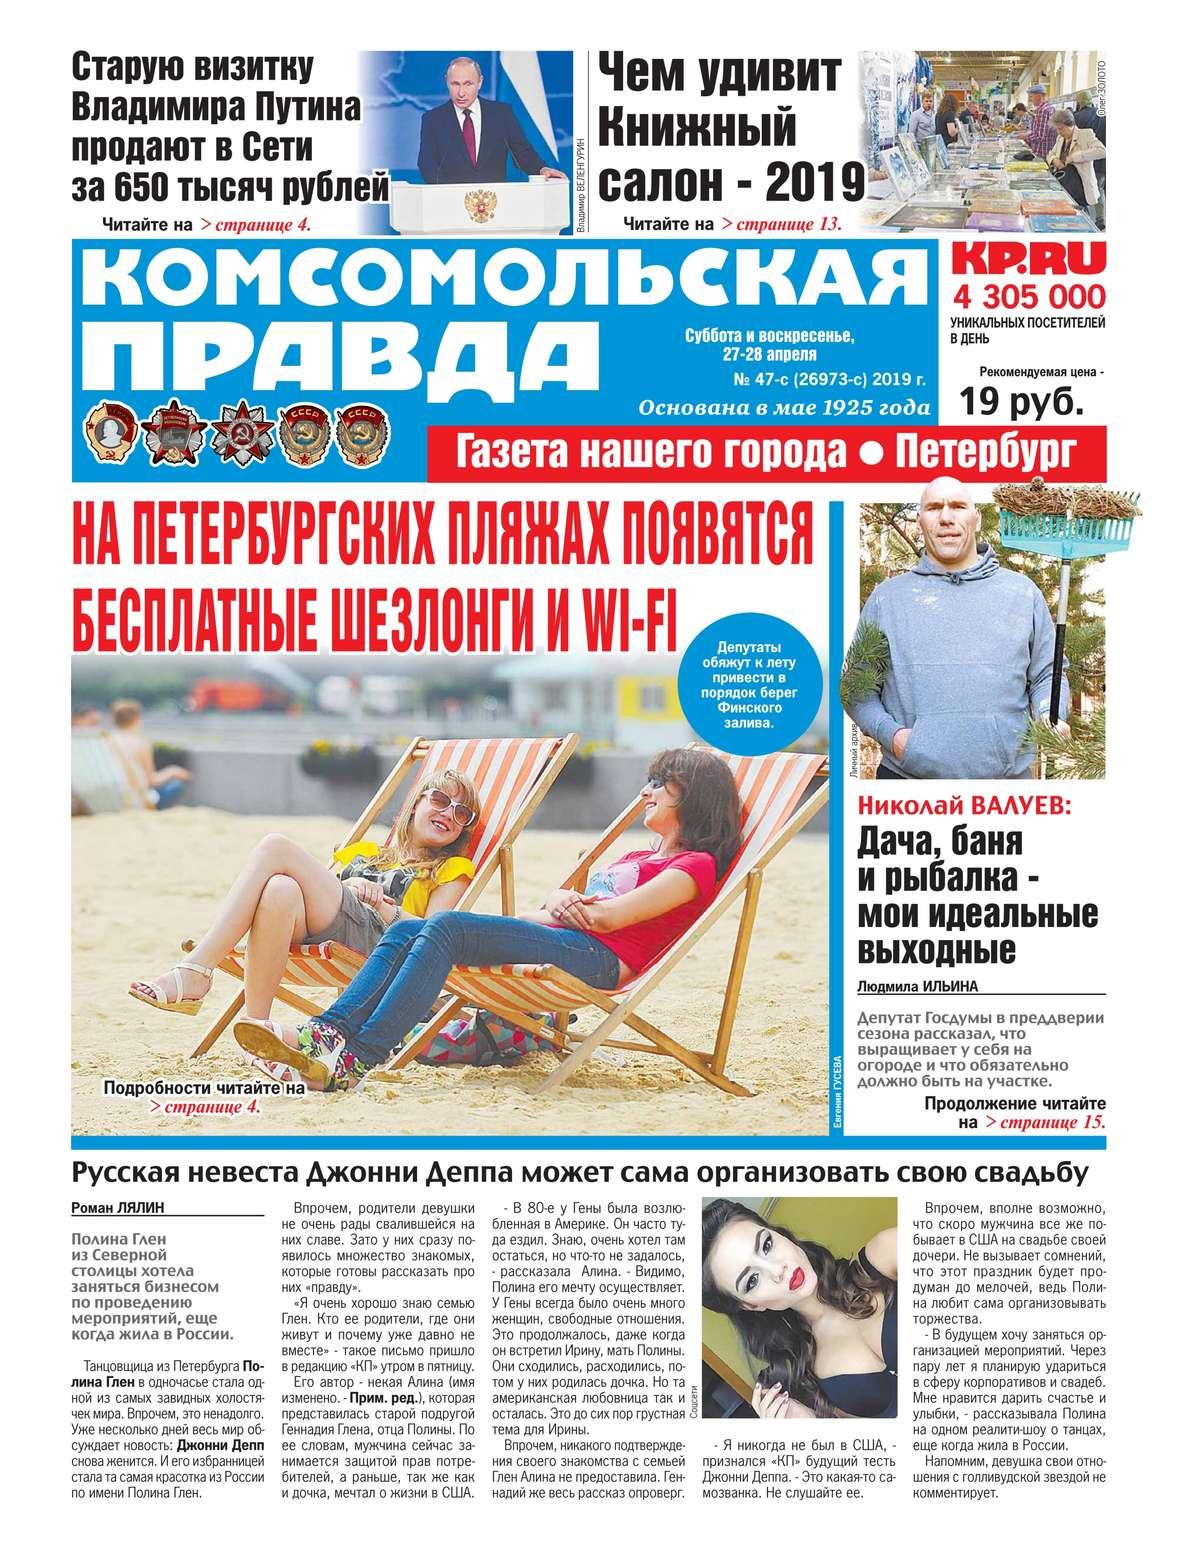 Комсомольская Правда. Санкт-Петербург 47с-2019